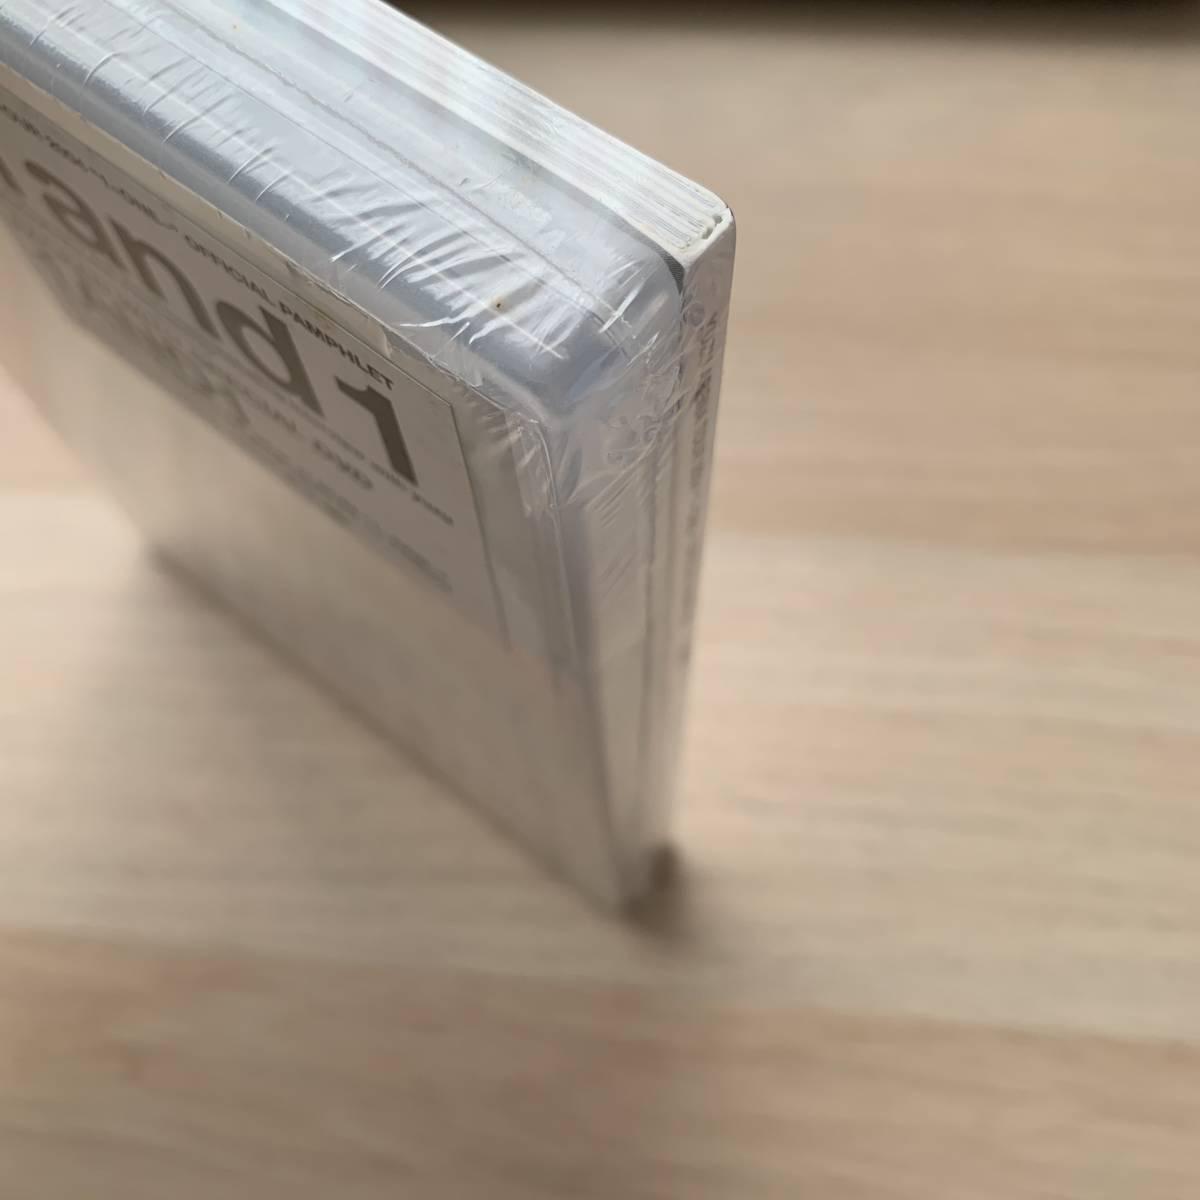 ゆず アリーナツアー 1and1 パンフレット+ドキュメントDVD★未開封_画像3